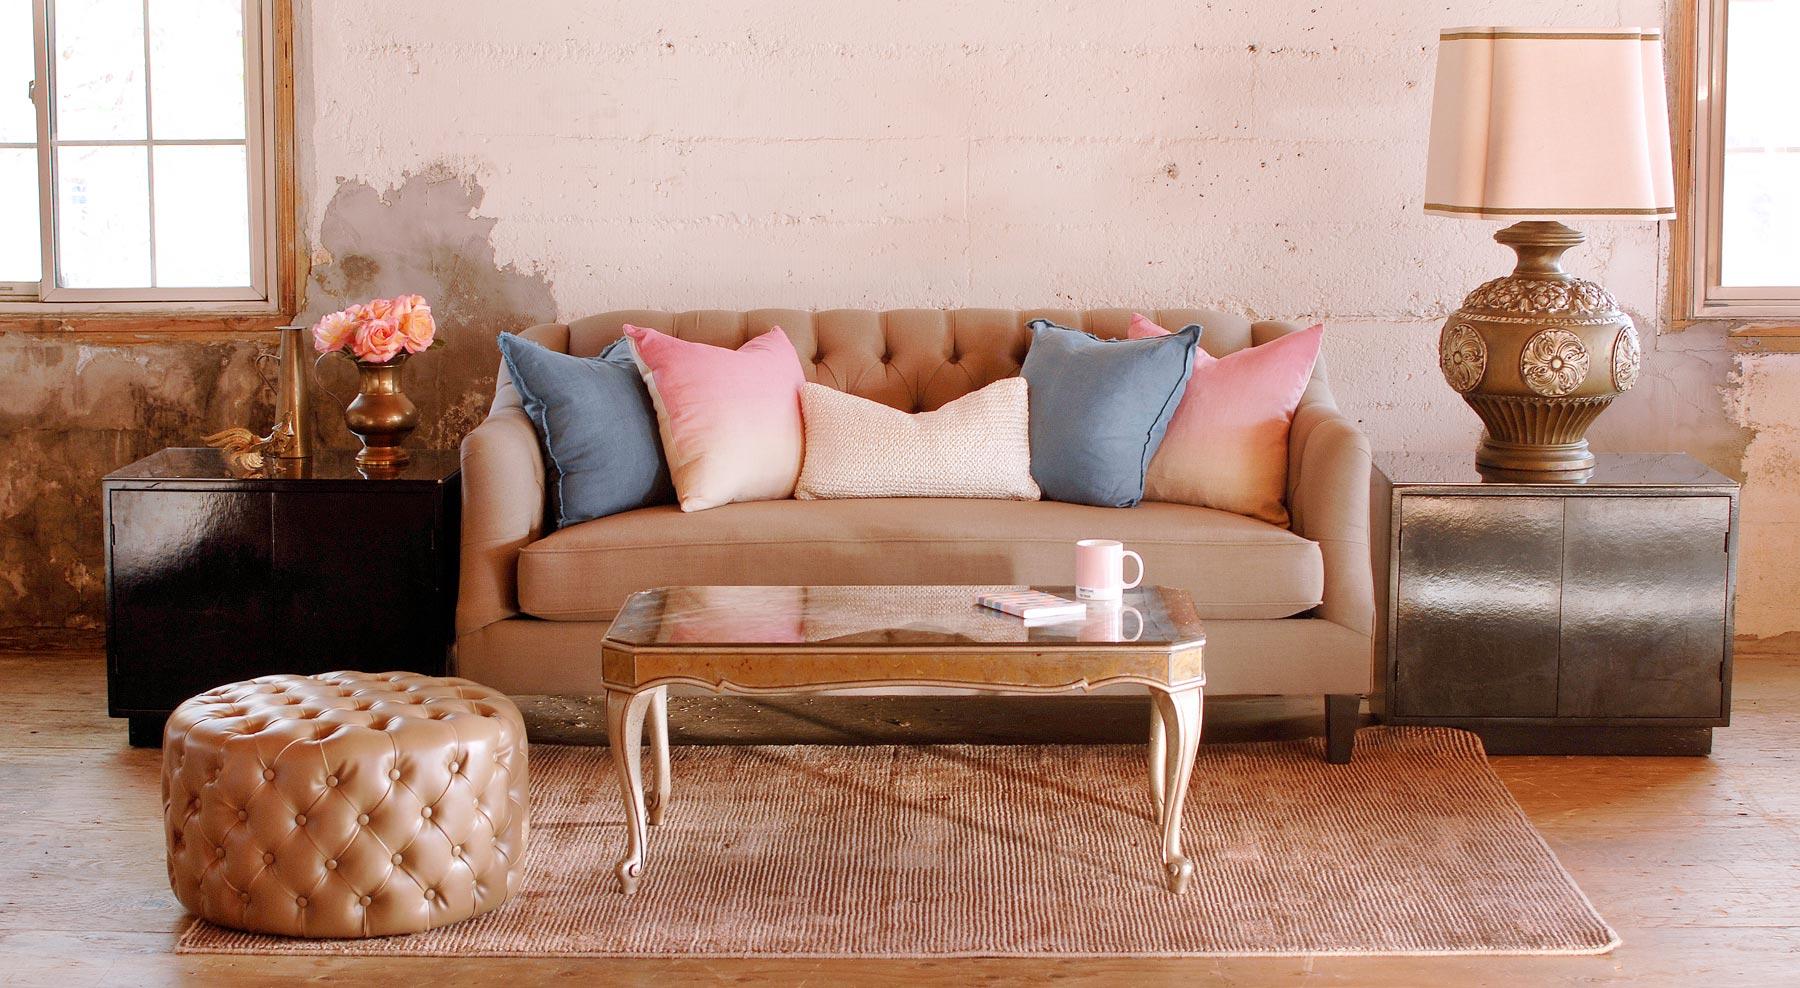 Harrington Galleries - Furniture Appraisals